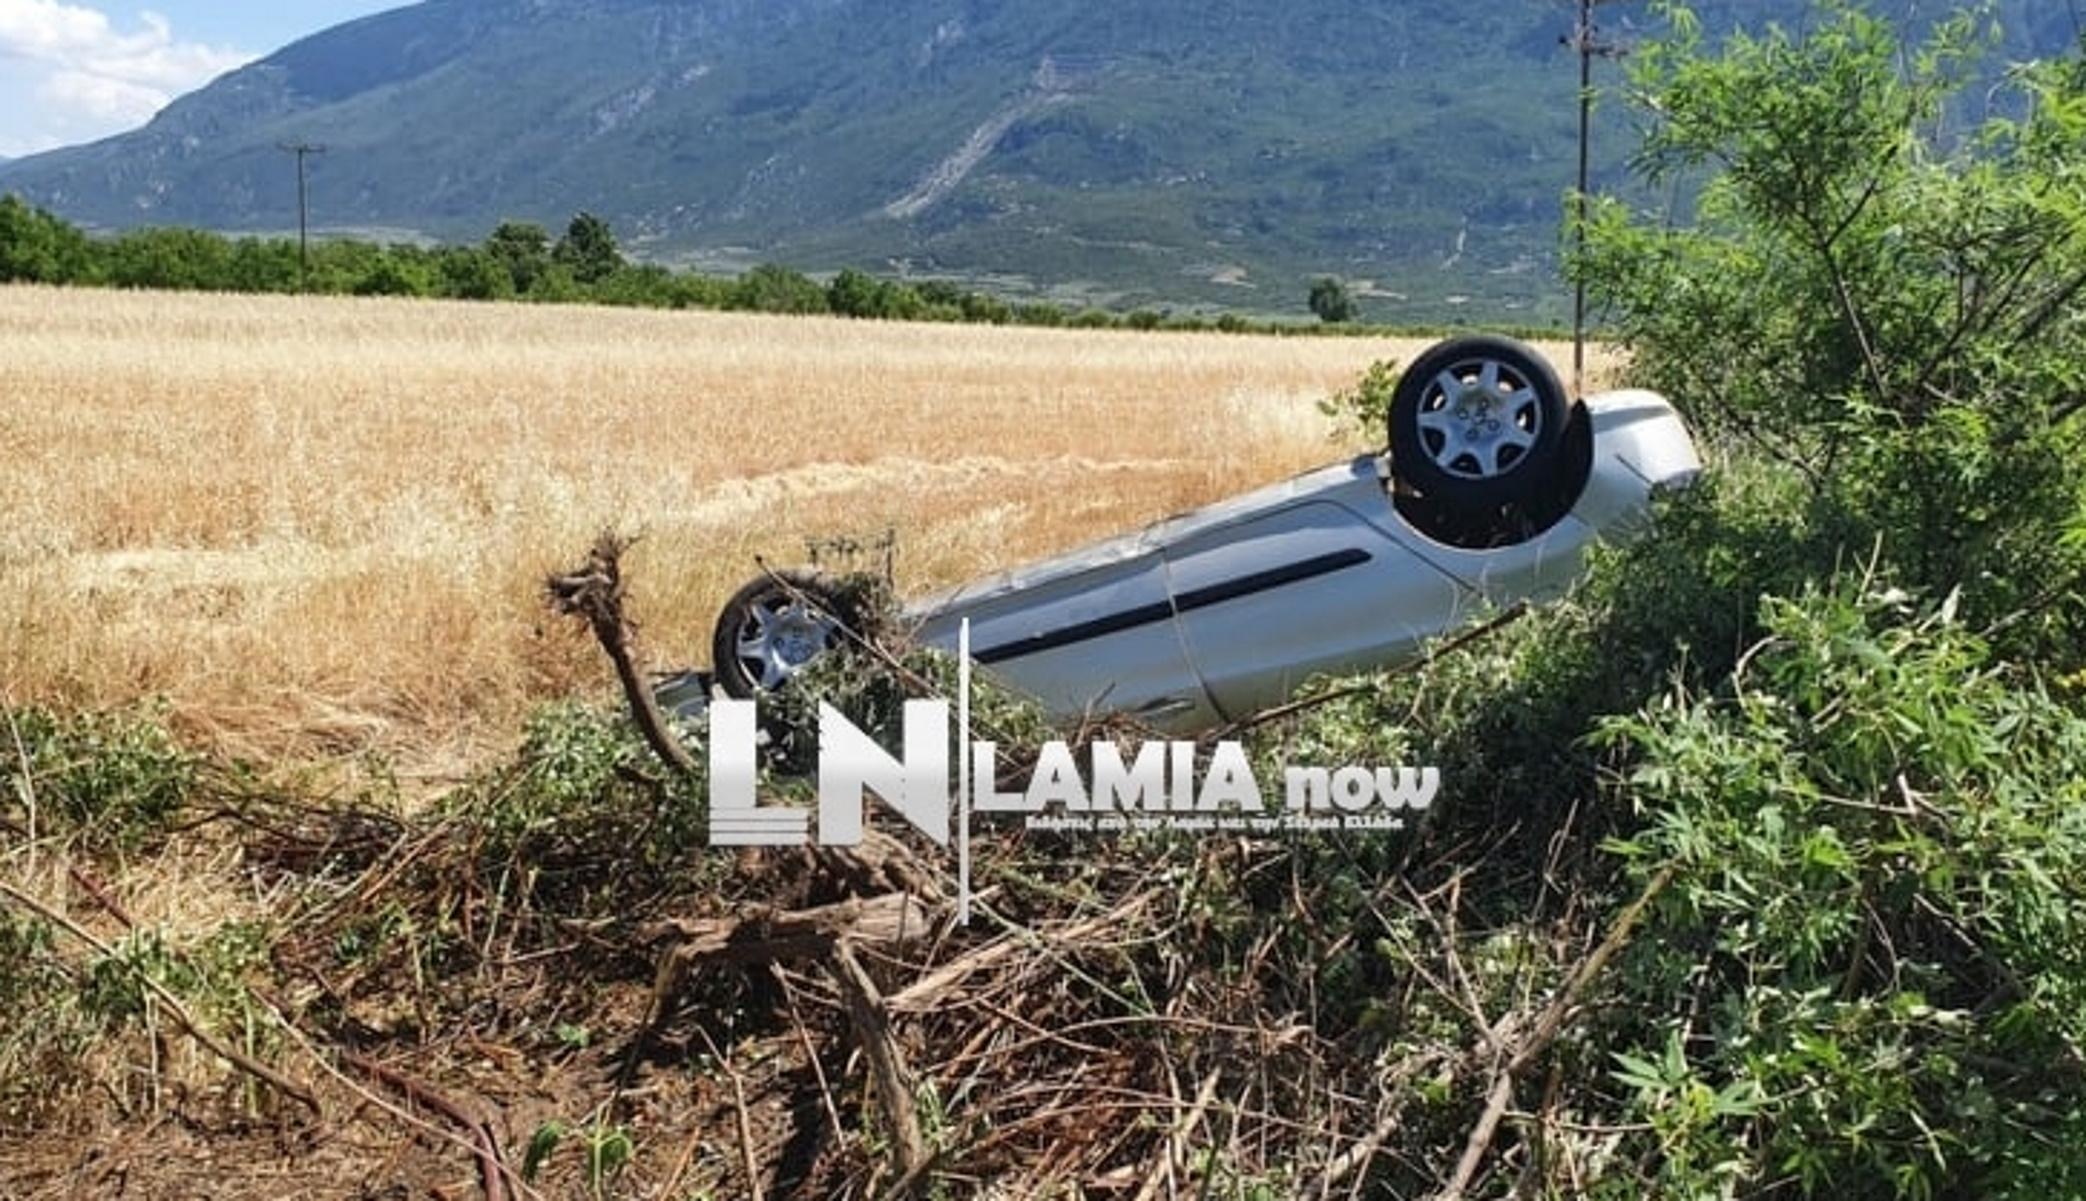 Λαμία: Άγιο είχε οδηγός – Αυτοκίνητο τούμπαρε και βρέθηκε στα χωράφια (pics, vid)